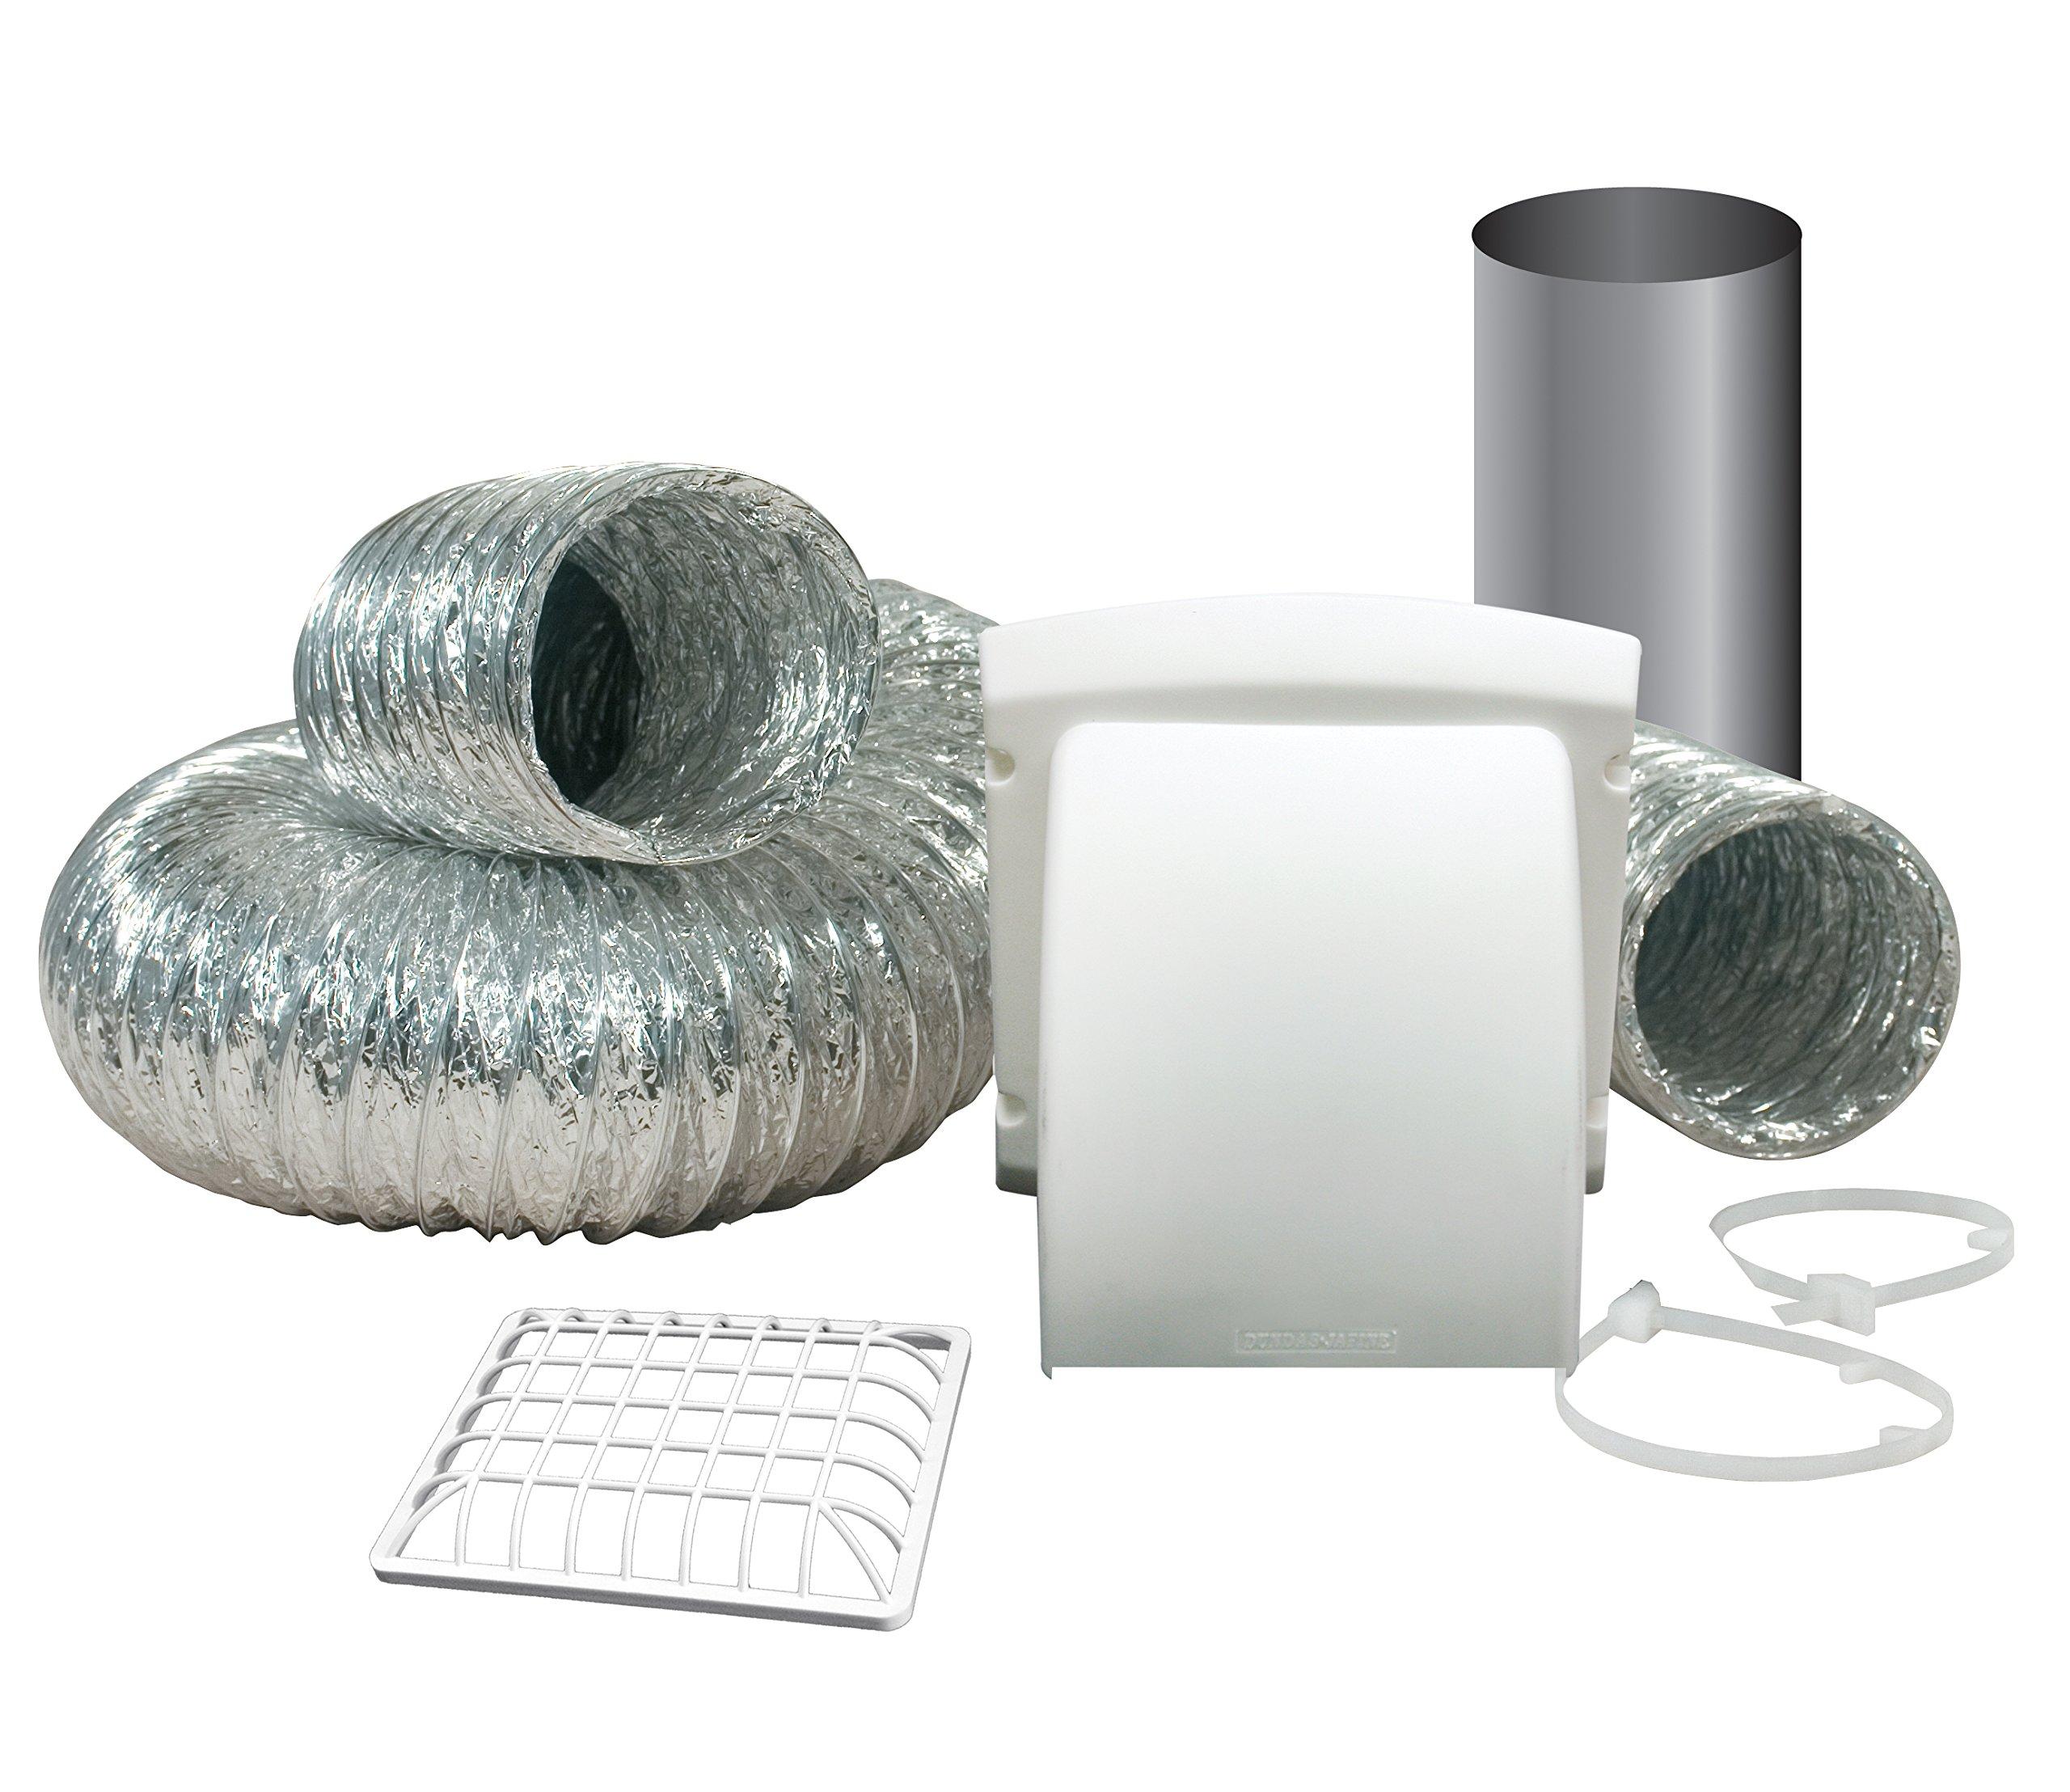 Dundas Jafine TD48PMKZW6 ProMax Dryer Vent Kit, White